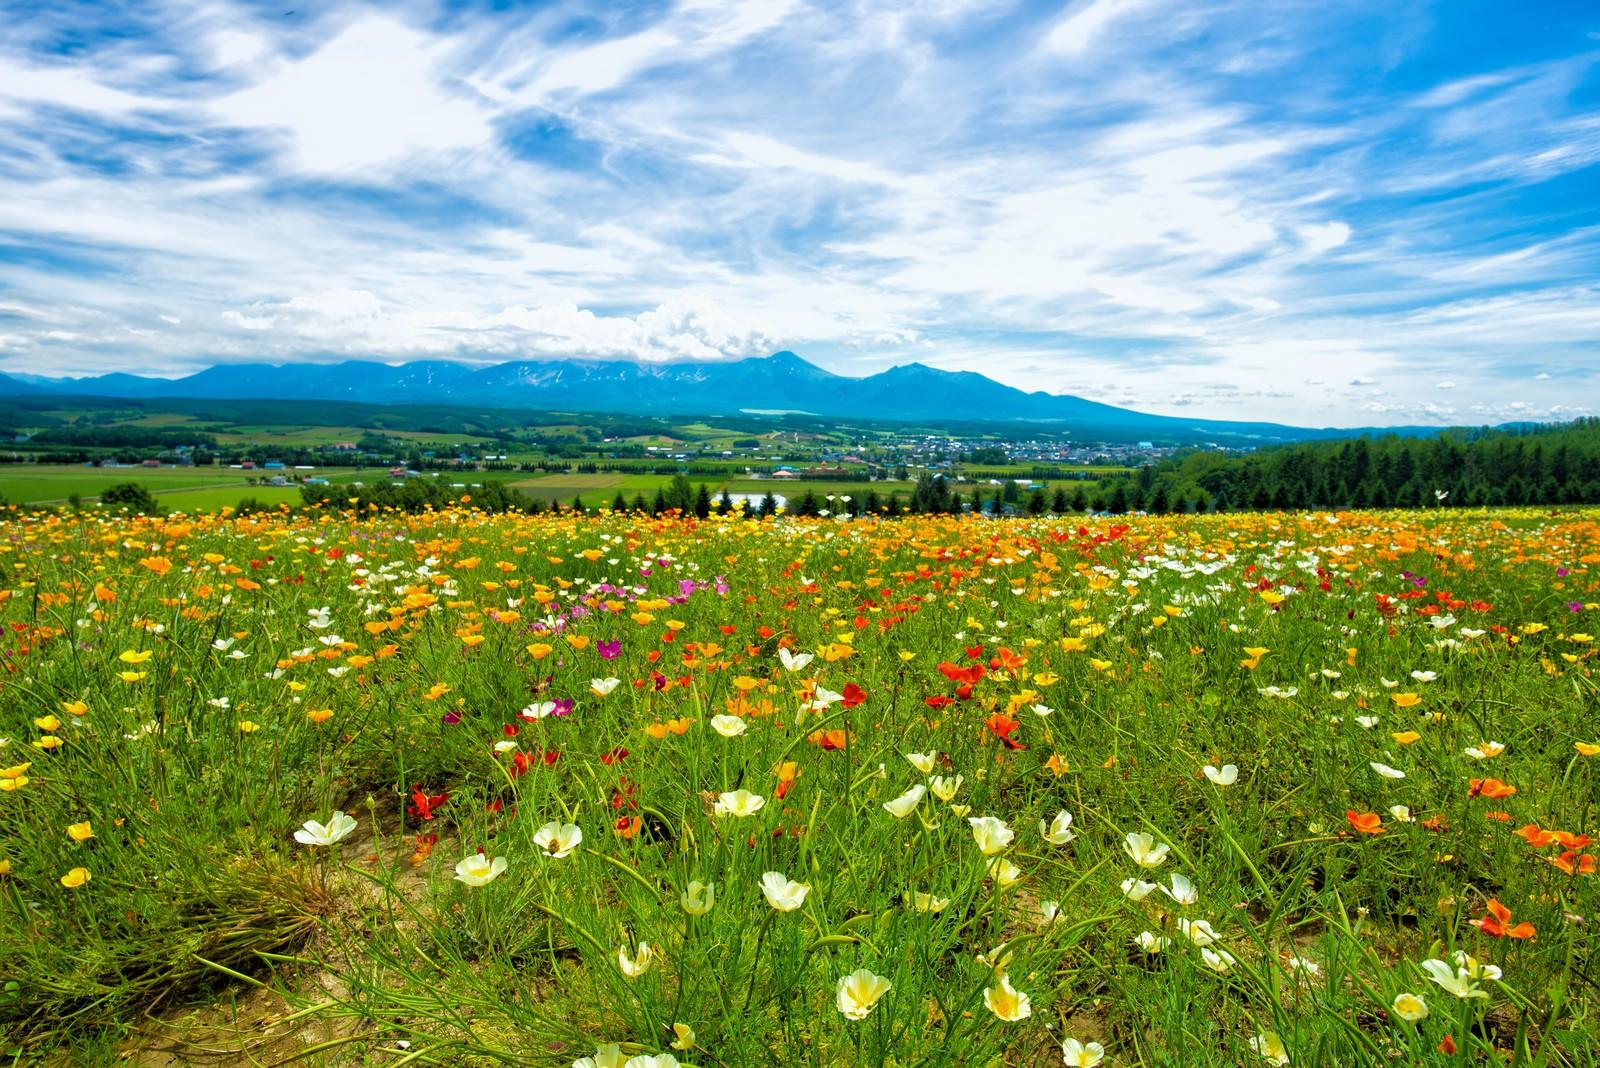 「富良野の高台にある花畑から望む景色」の写真